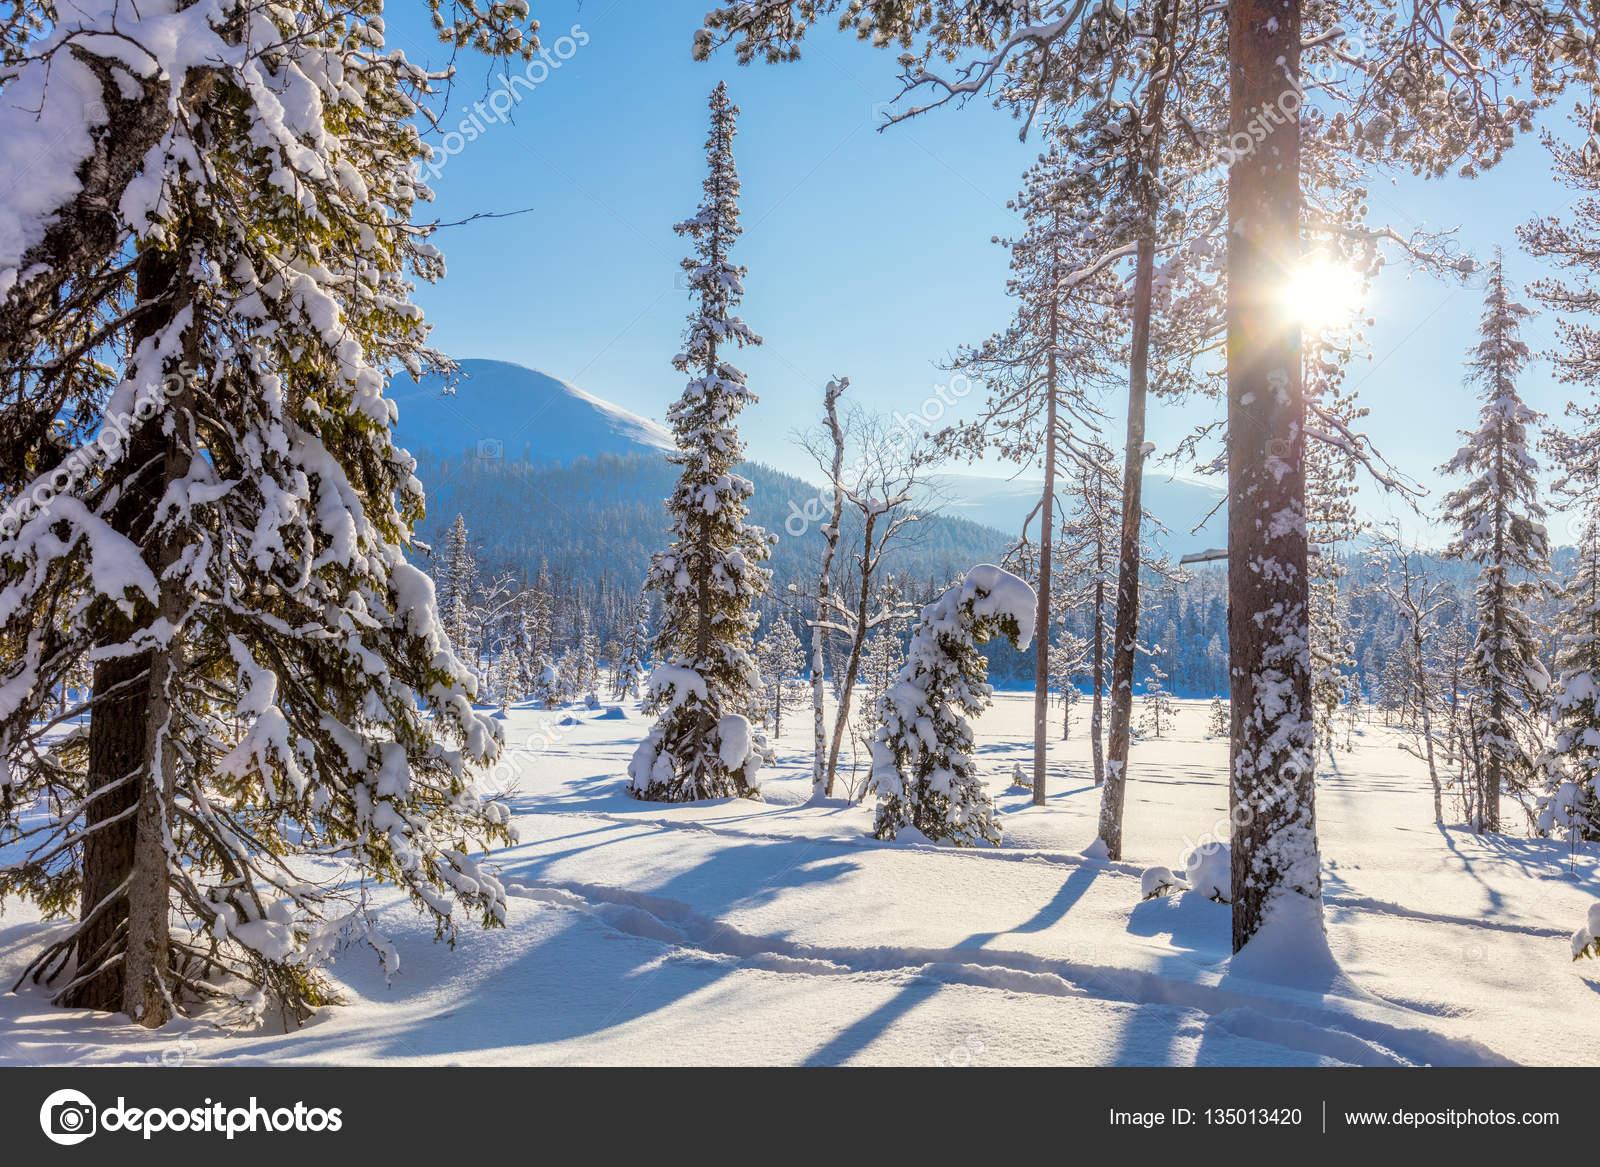 Fondos de pantalla de invierno sin nieve